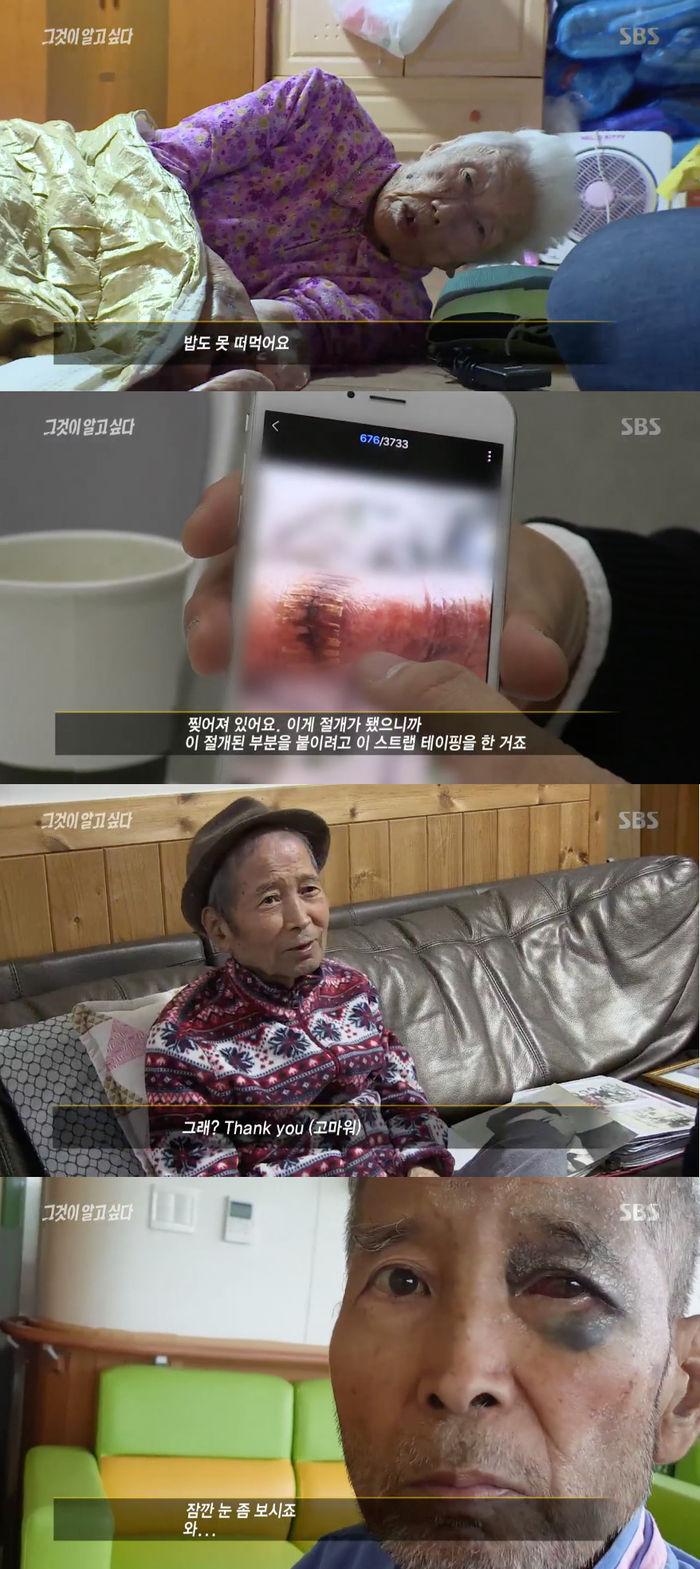 [스브스夜] '그것이 알고싶다' 이사장이 폭행하고 700원짜리 식사 제공…요양병원의 '충격적 민낯'  기본이미지